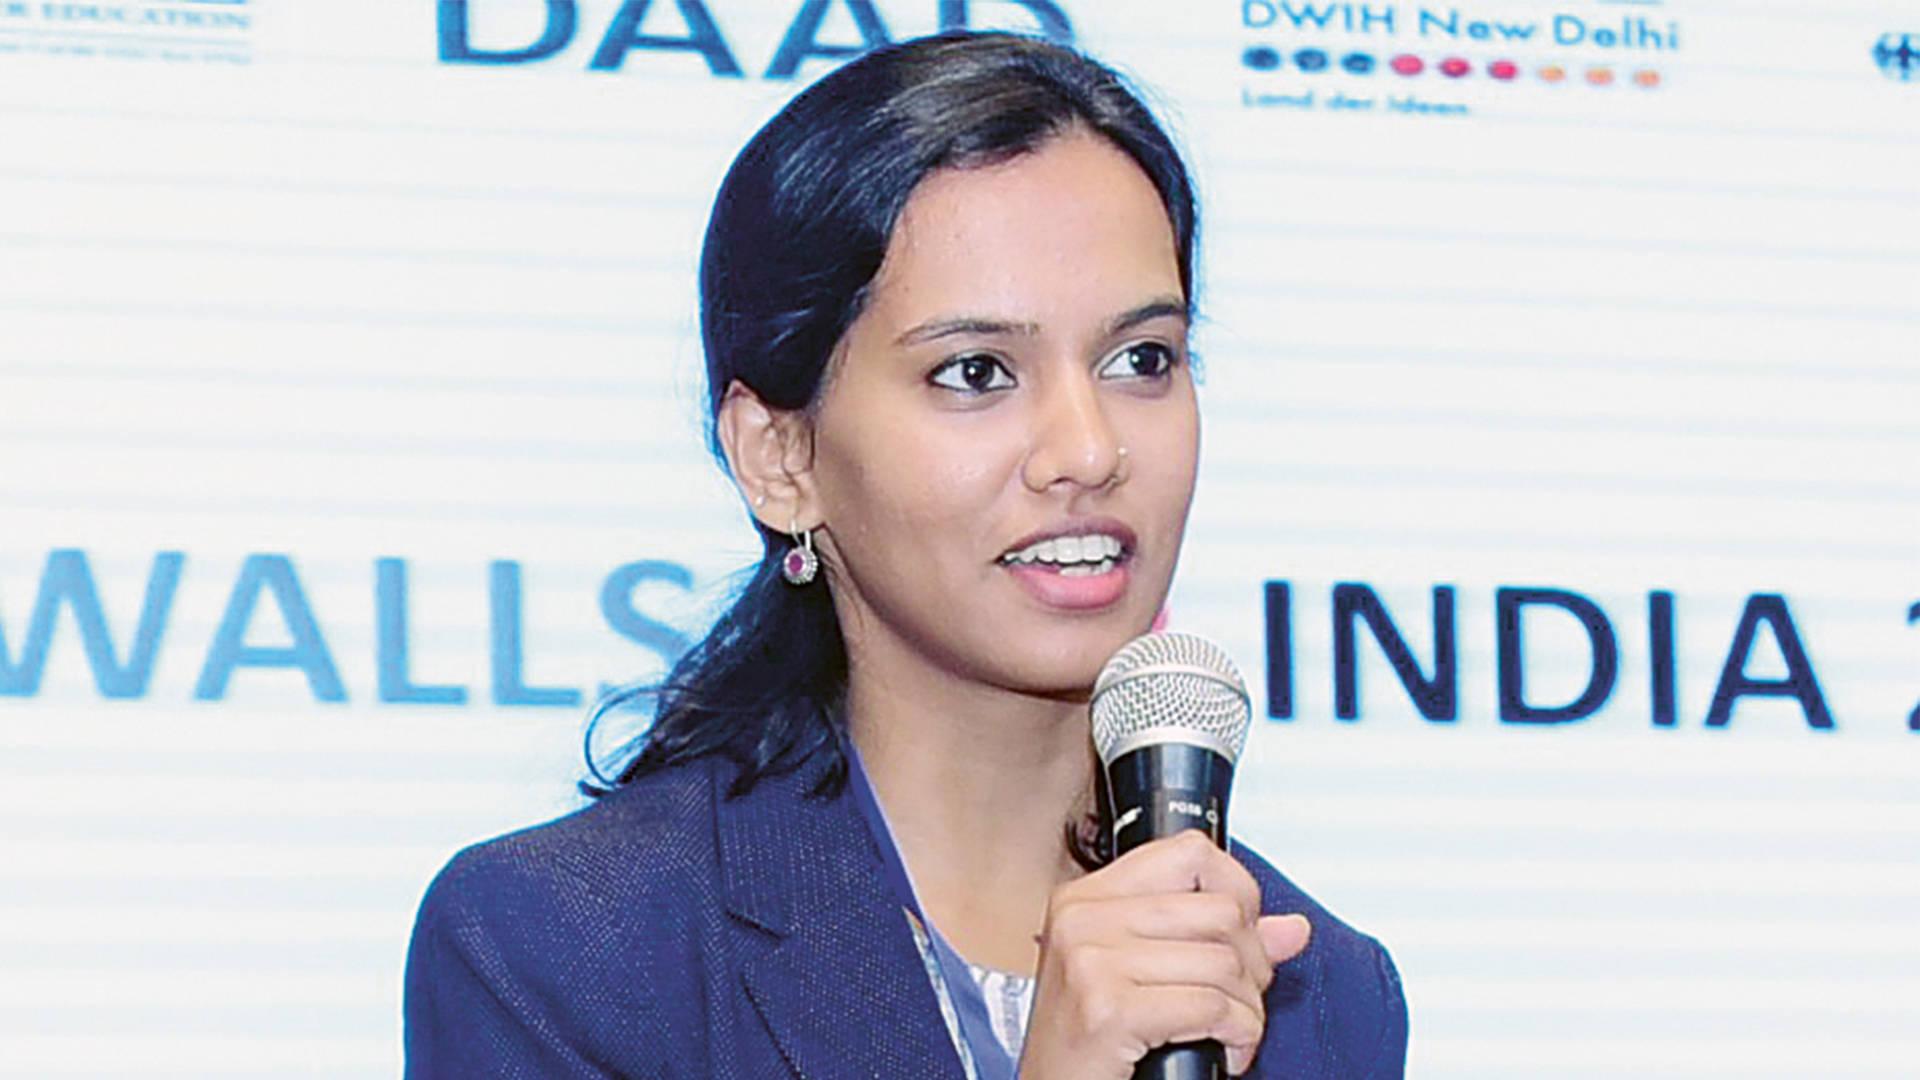 Aadishree Jamkhedkar, Programmkoordinatorin des DWIH Neu-Delhi